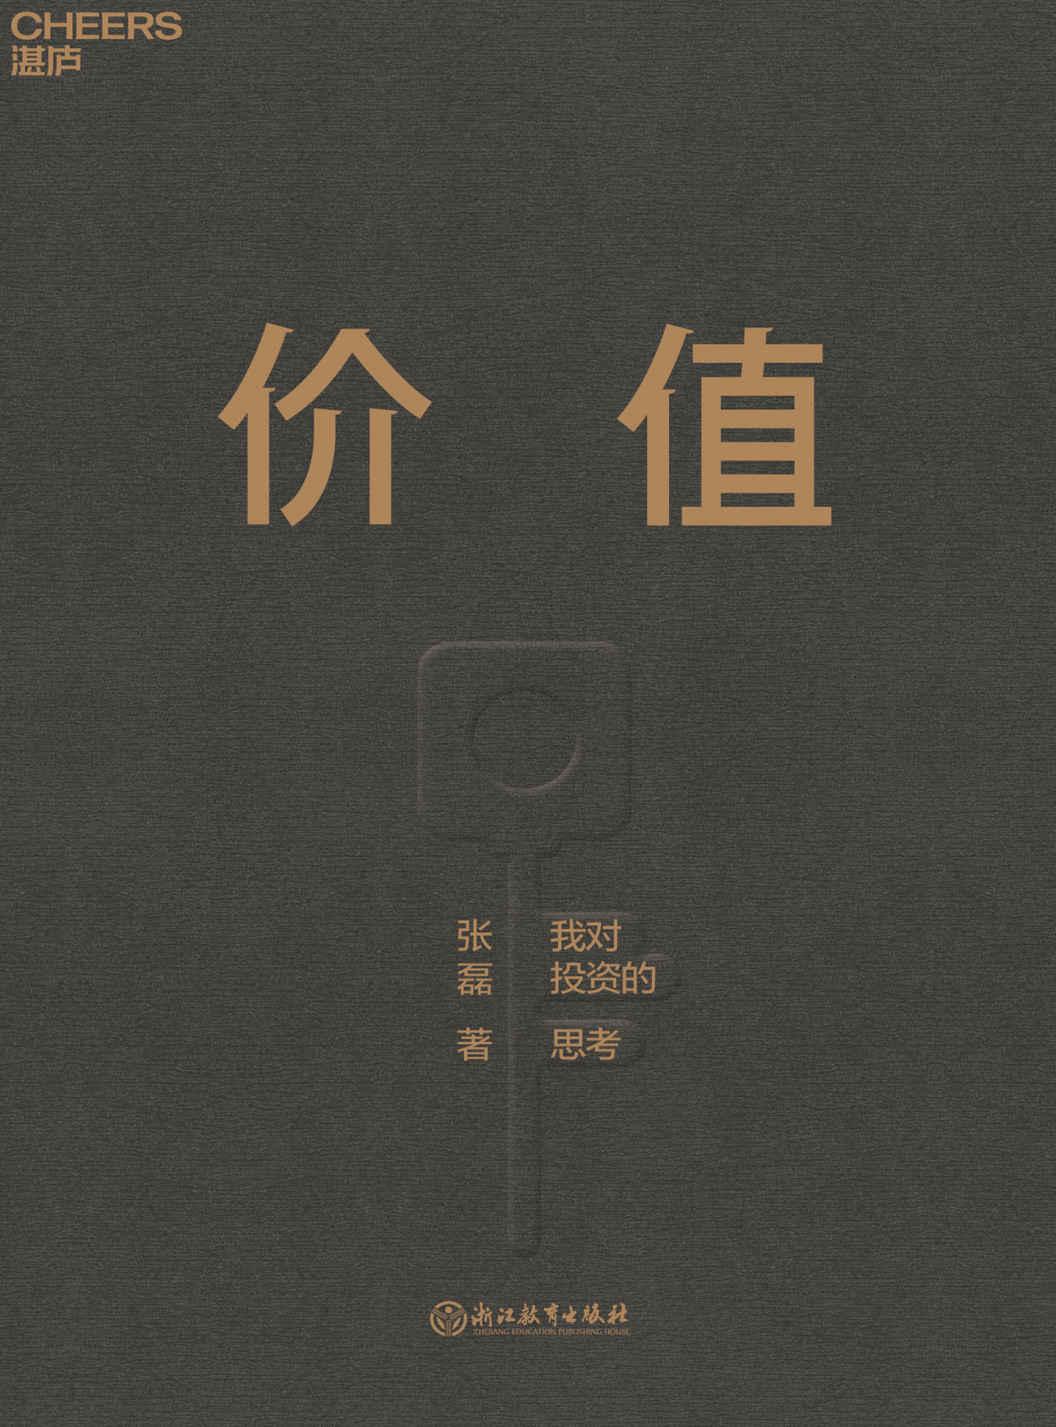 《价值》电子书+音频,高瓴资本CEO张磊力作 | 投资创业必看 马化腾推荐  音视书籍 第1张